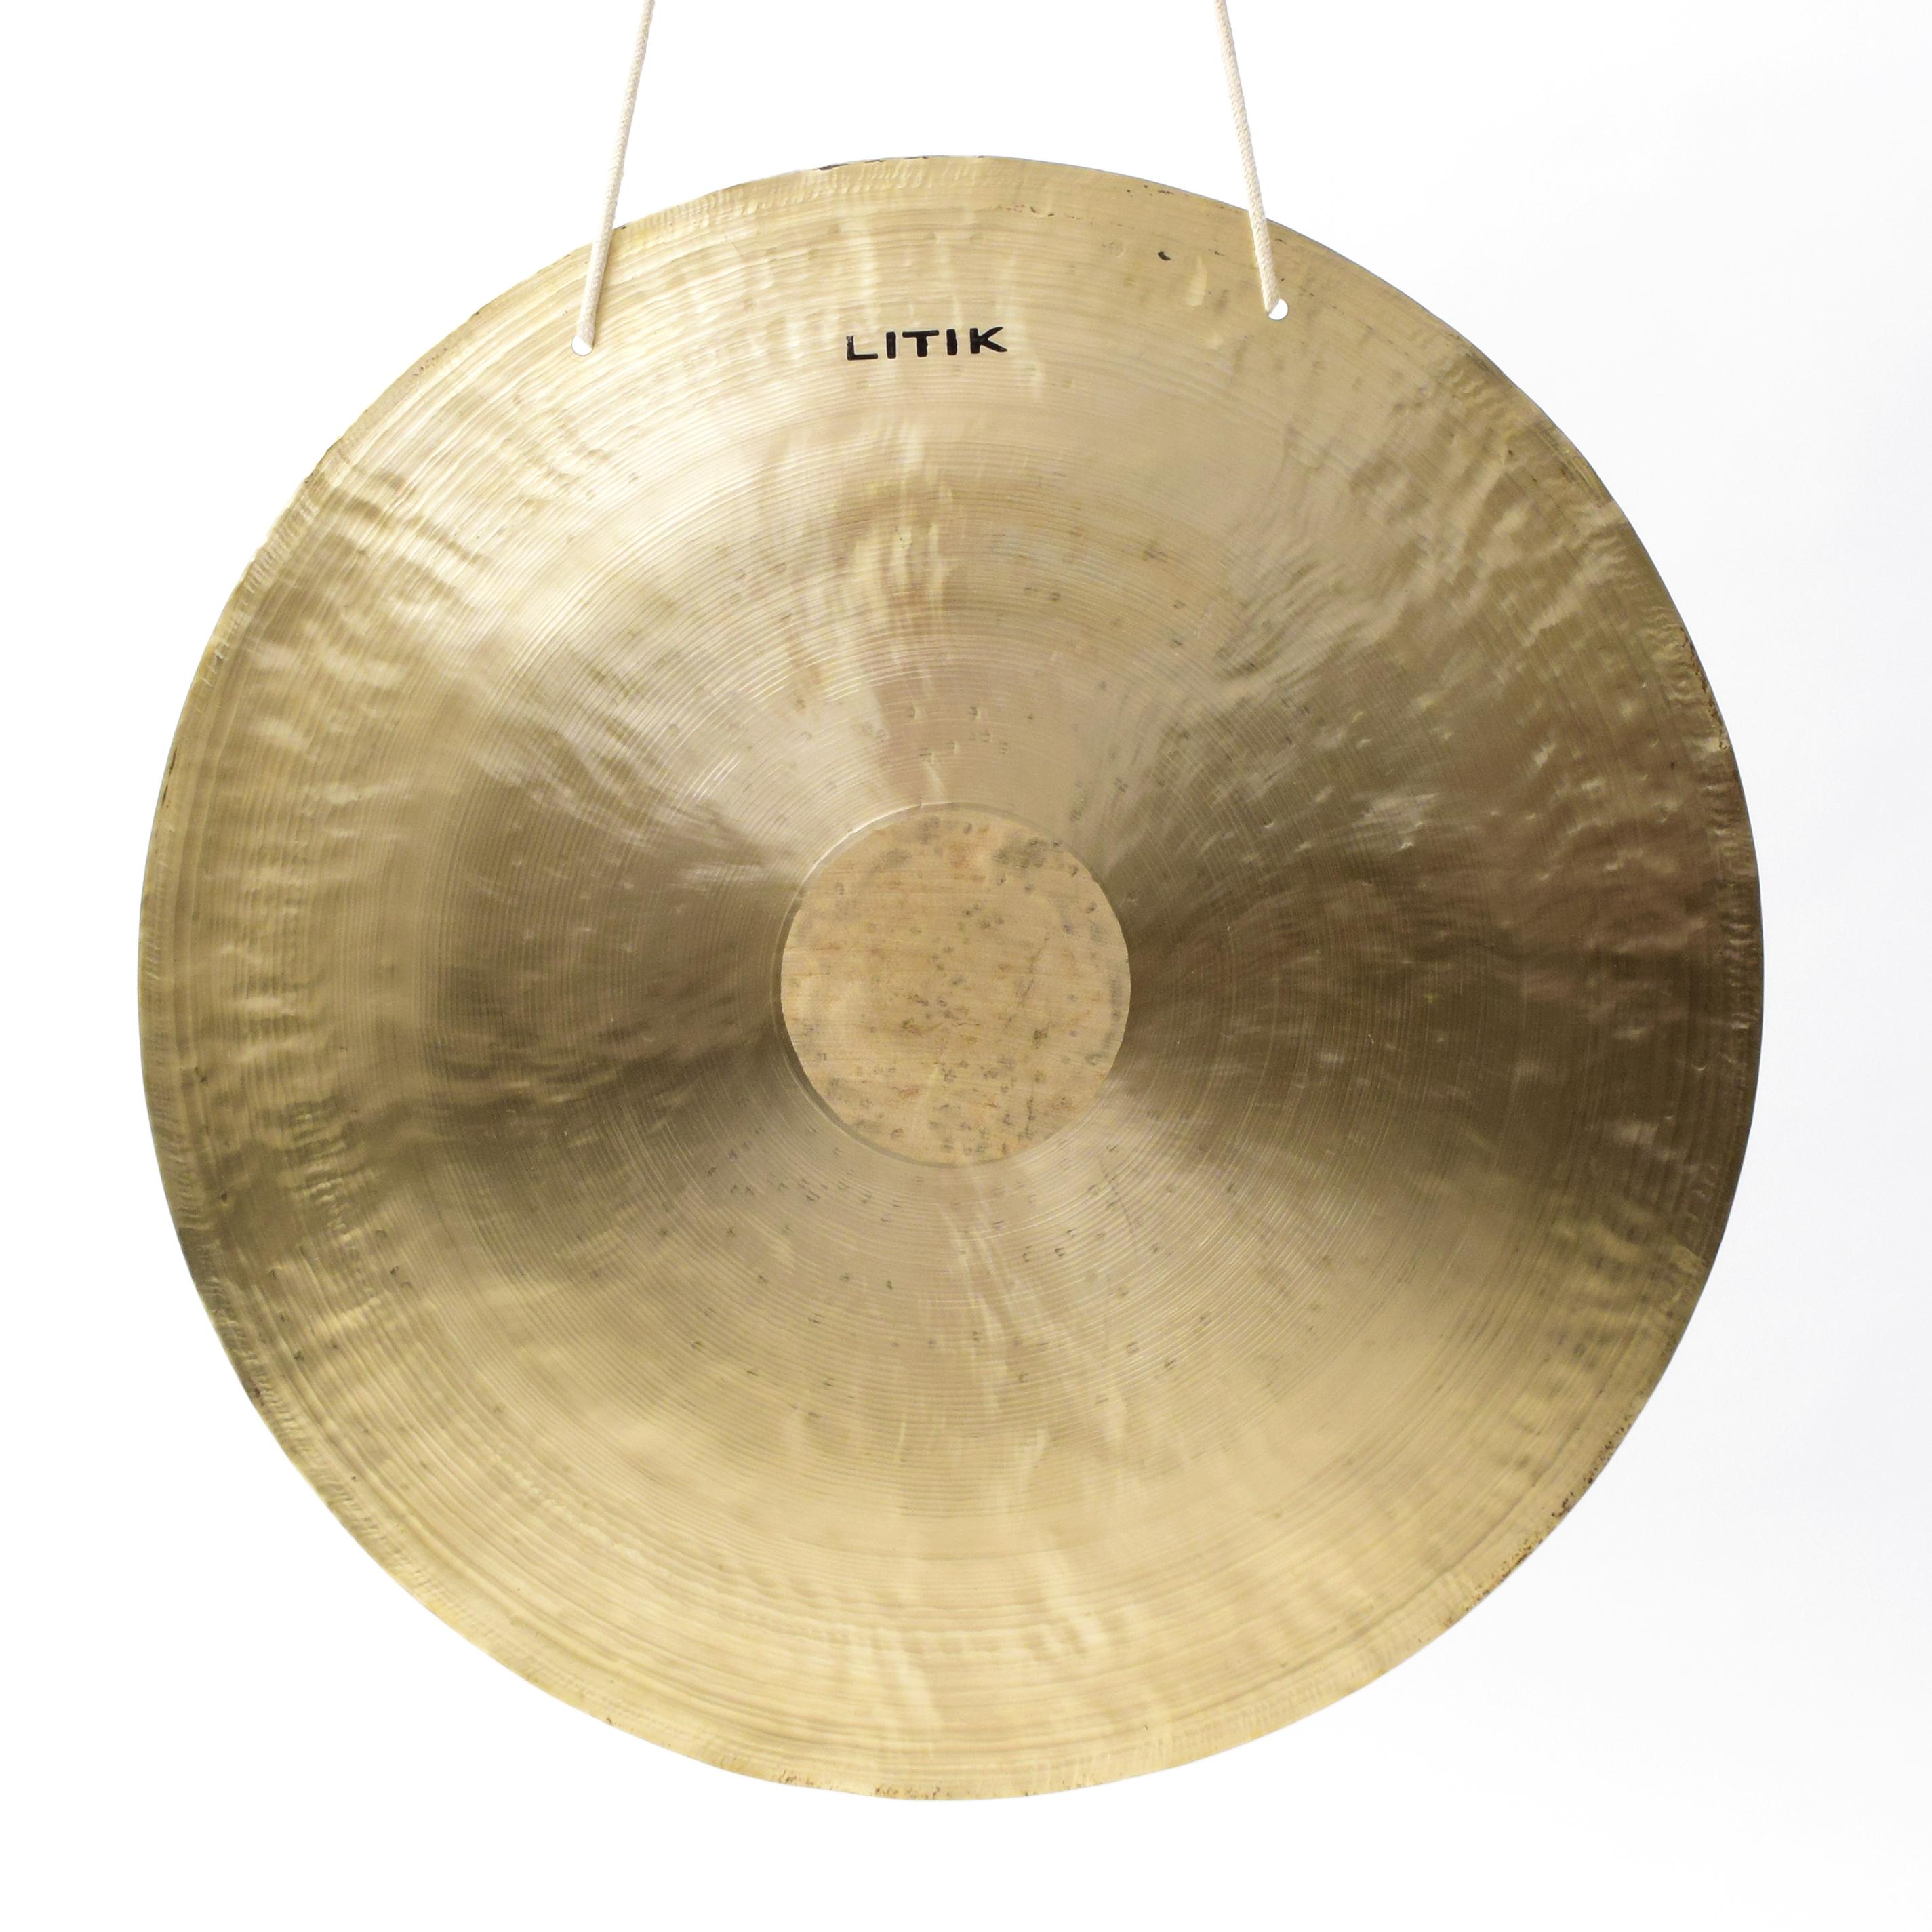 Litik Feng Wind Gong